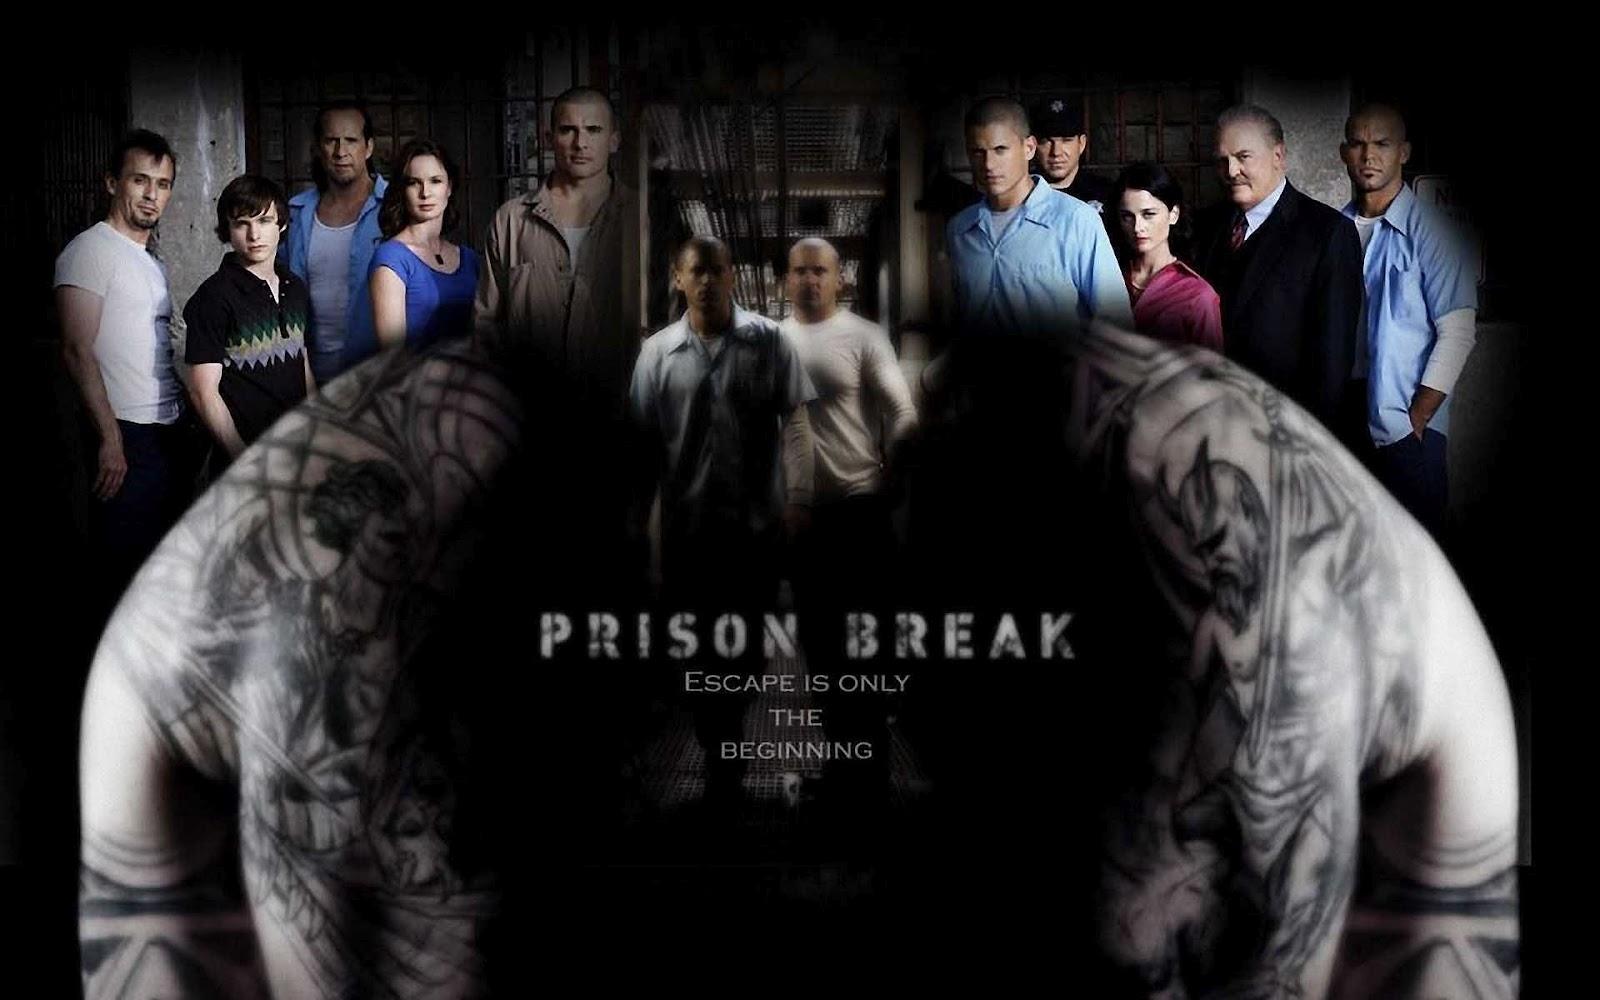 Prison Break Wallpapers Hd Wallpapersafari